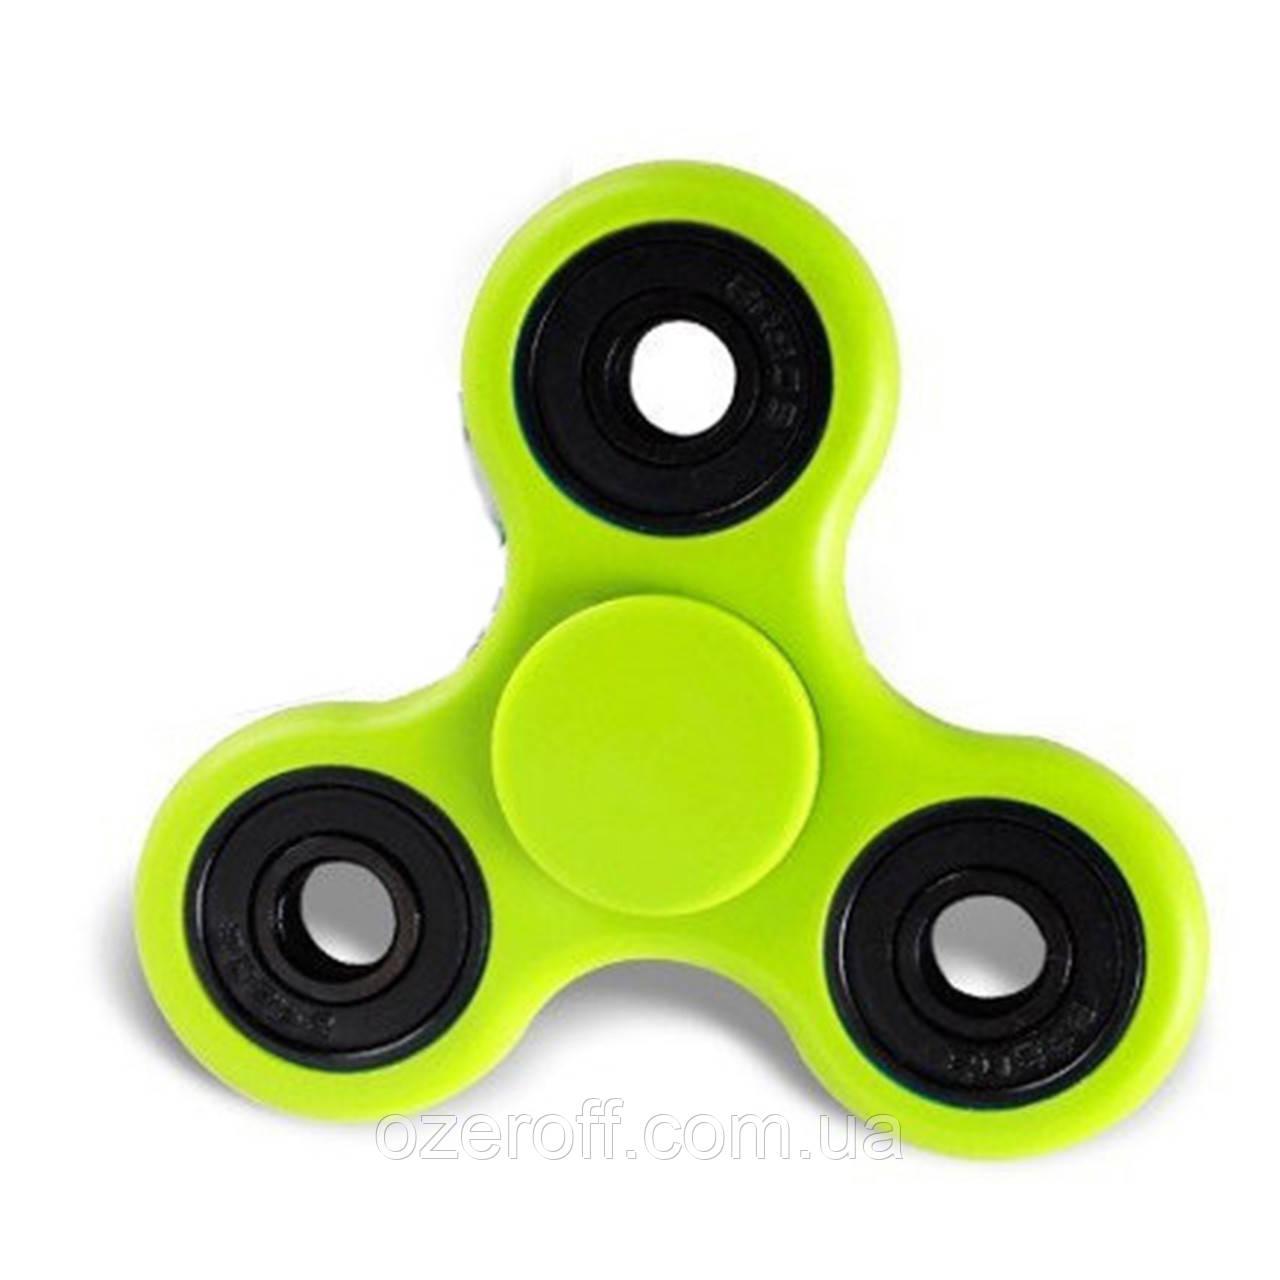 Спиннер Spinner 1.1 Зеленый